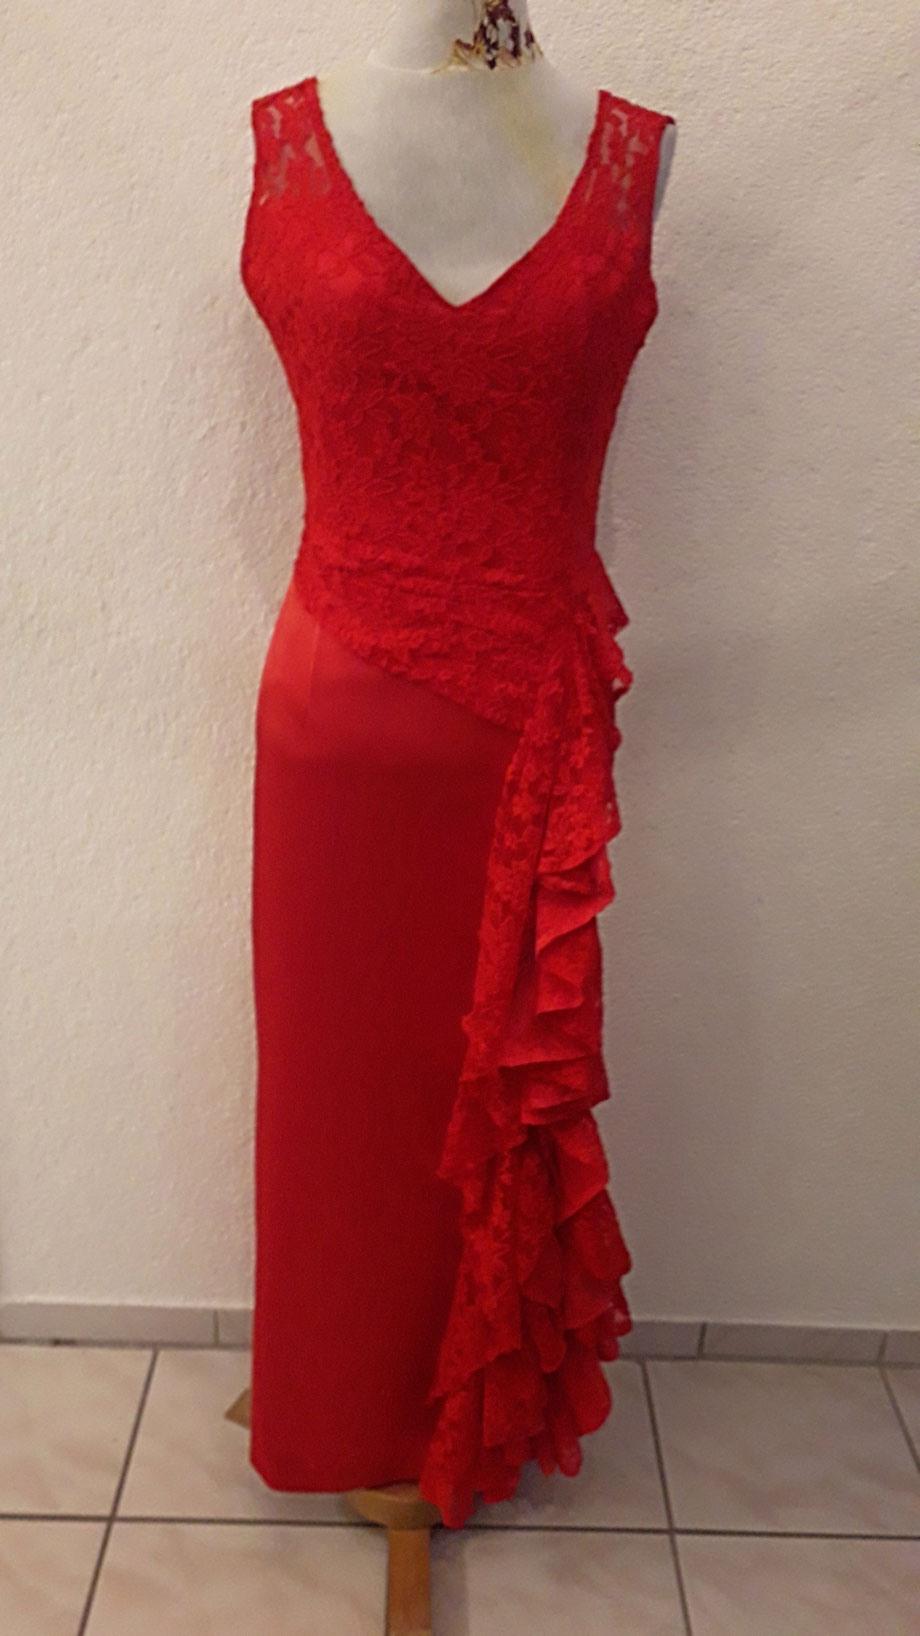 Hochzeit Rotes Kleid Brautmutter | Welche Farbe Trägt Die